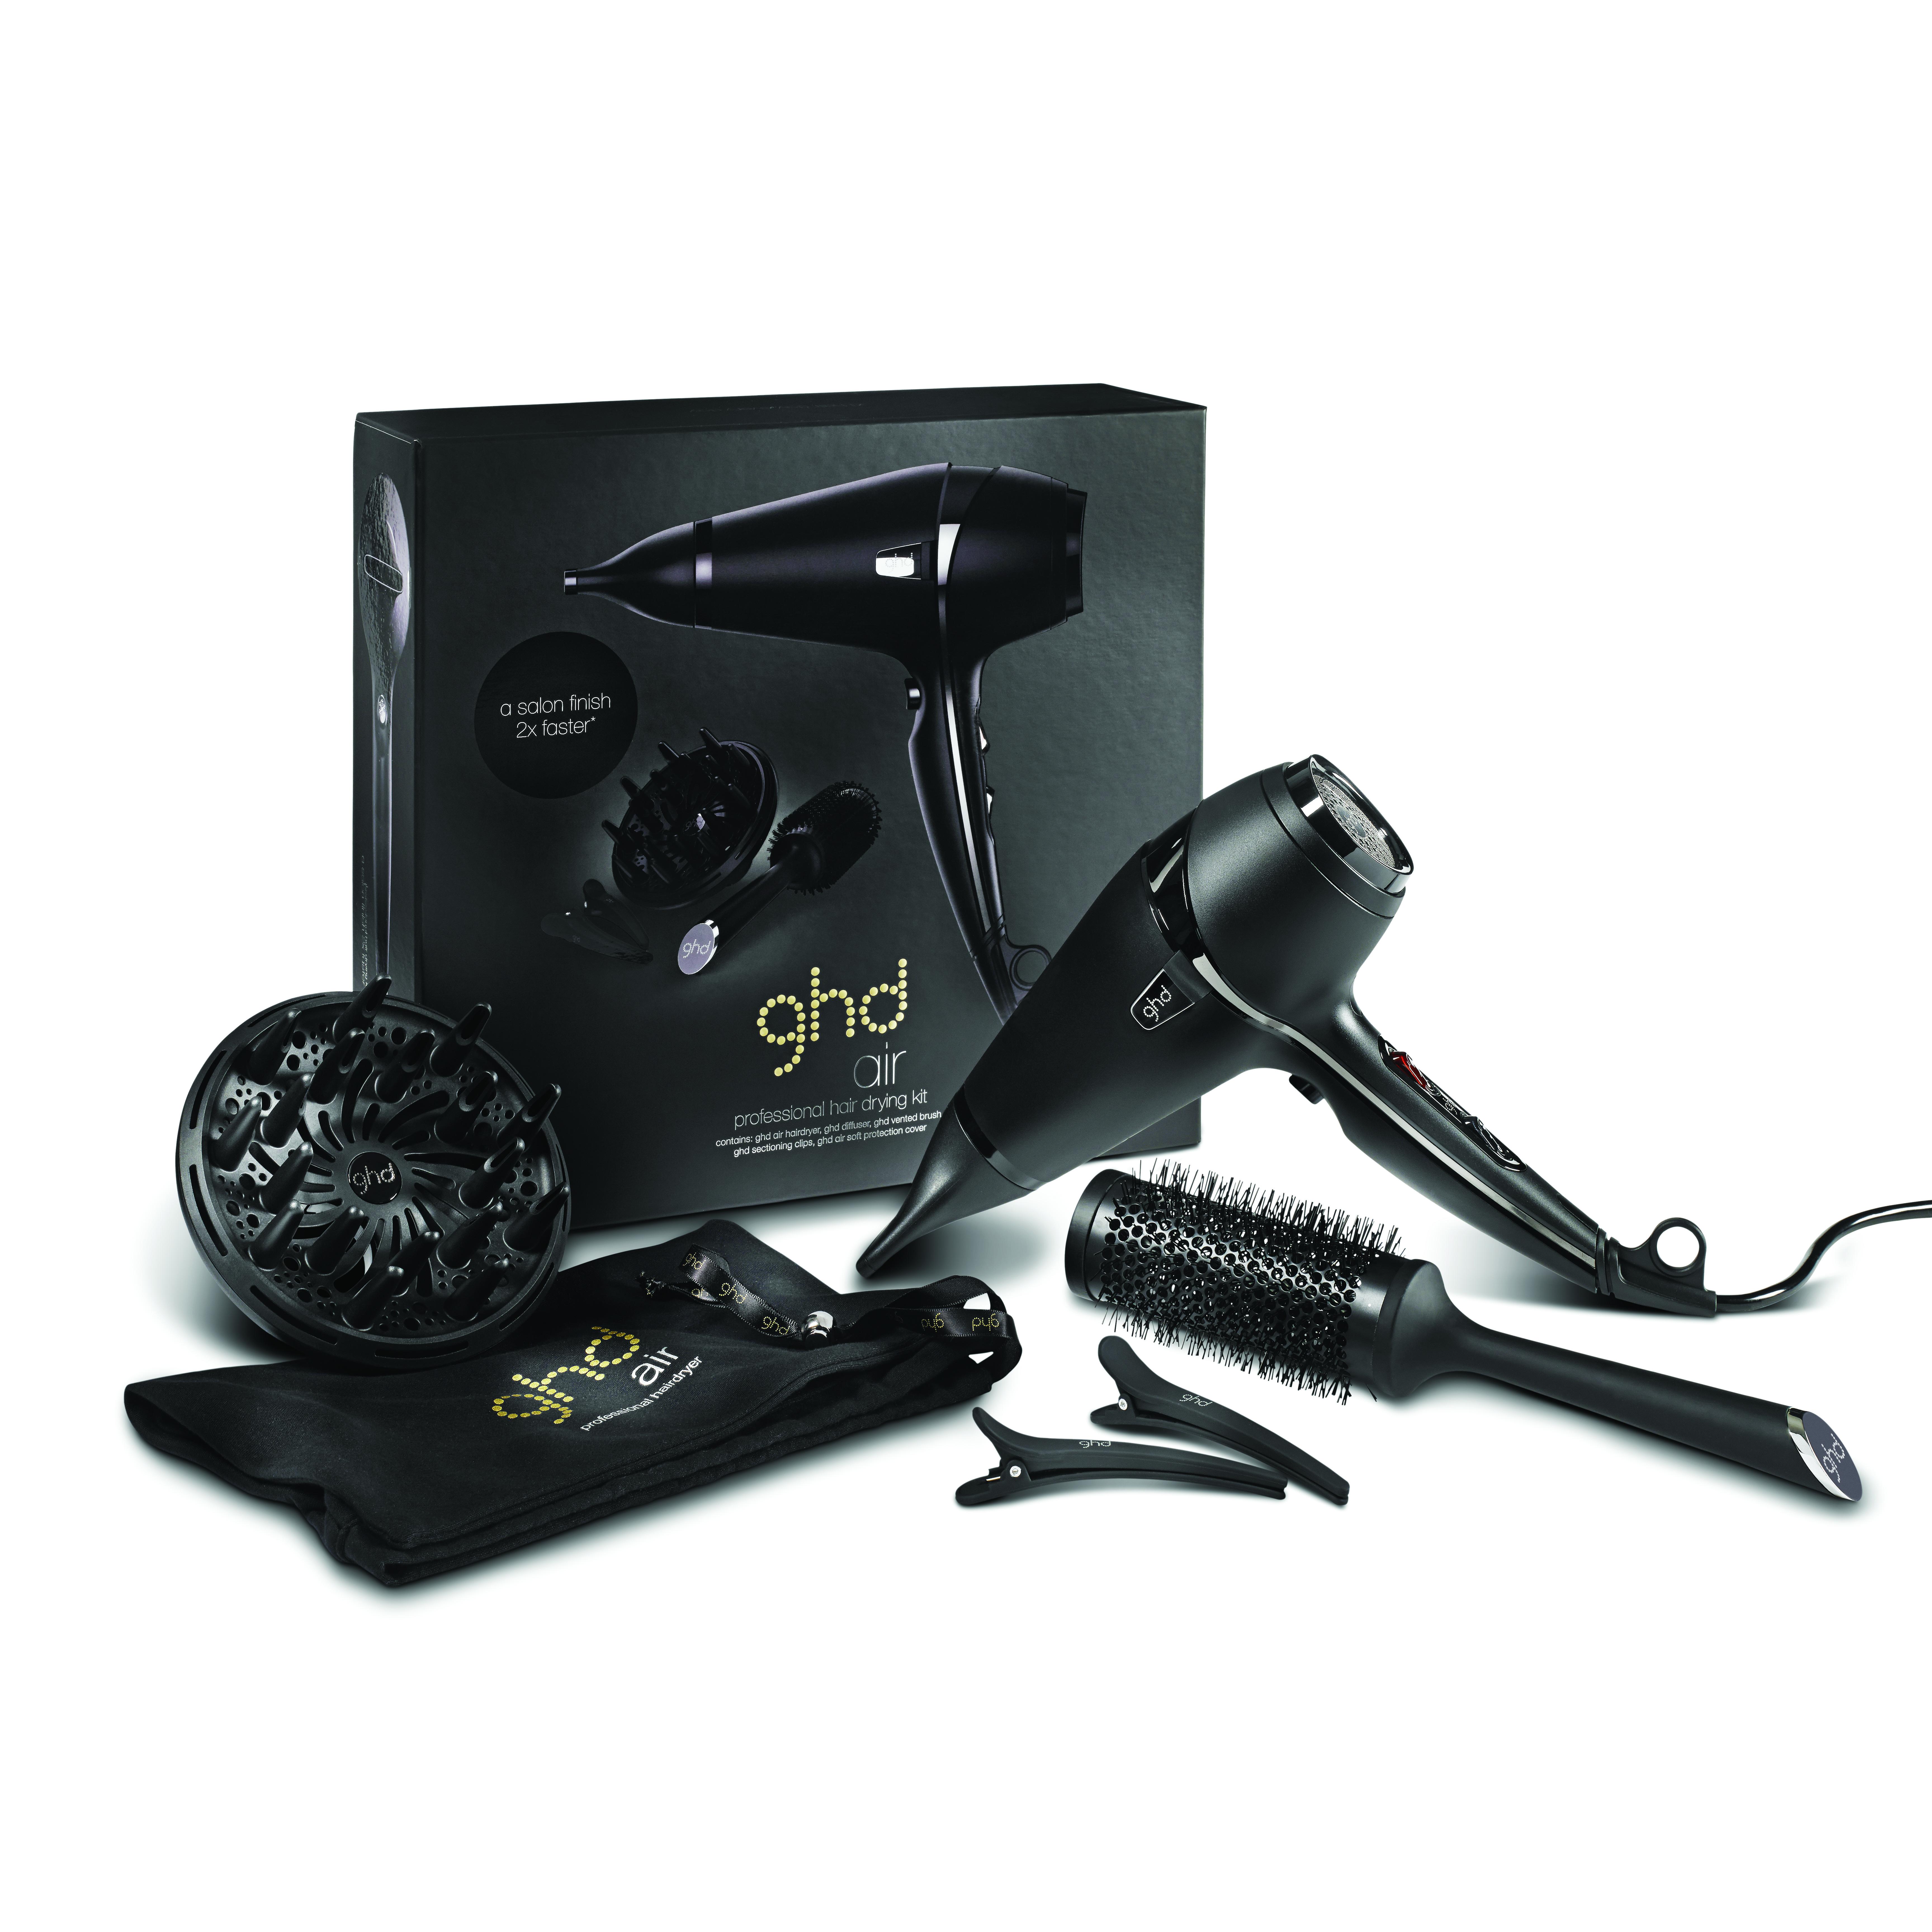 Фен для сушки и укладки волос GHD Air Hairdryer 2100 W в наборе (фен с соплом + насадка диффузор, керамическая круглая щетка, 2 зажима, мягкая сумка)